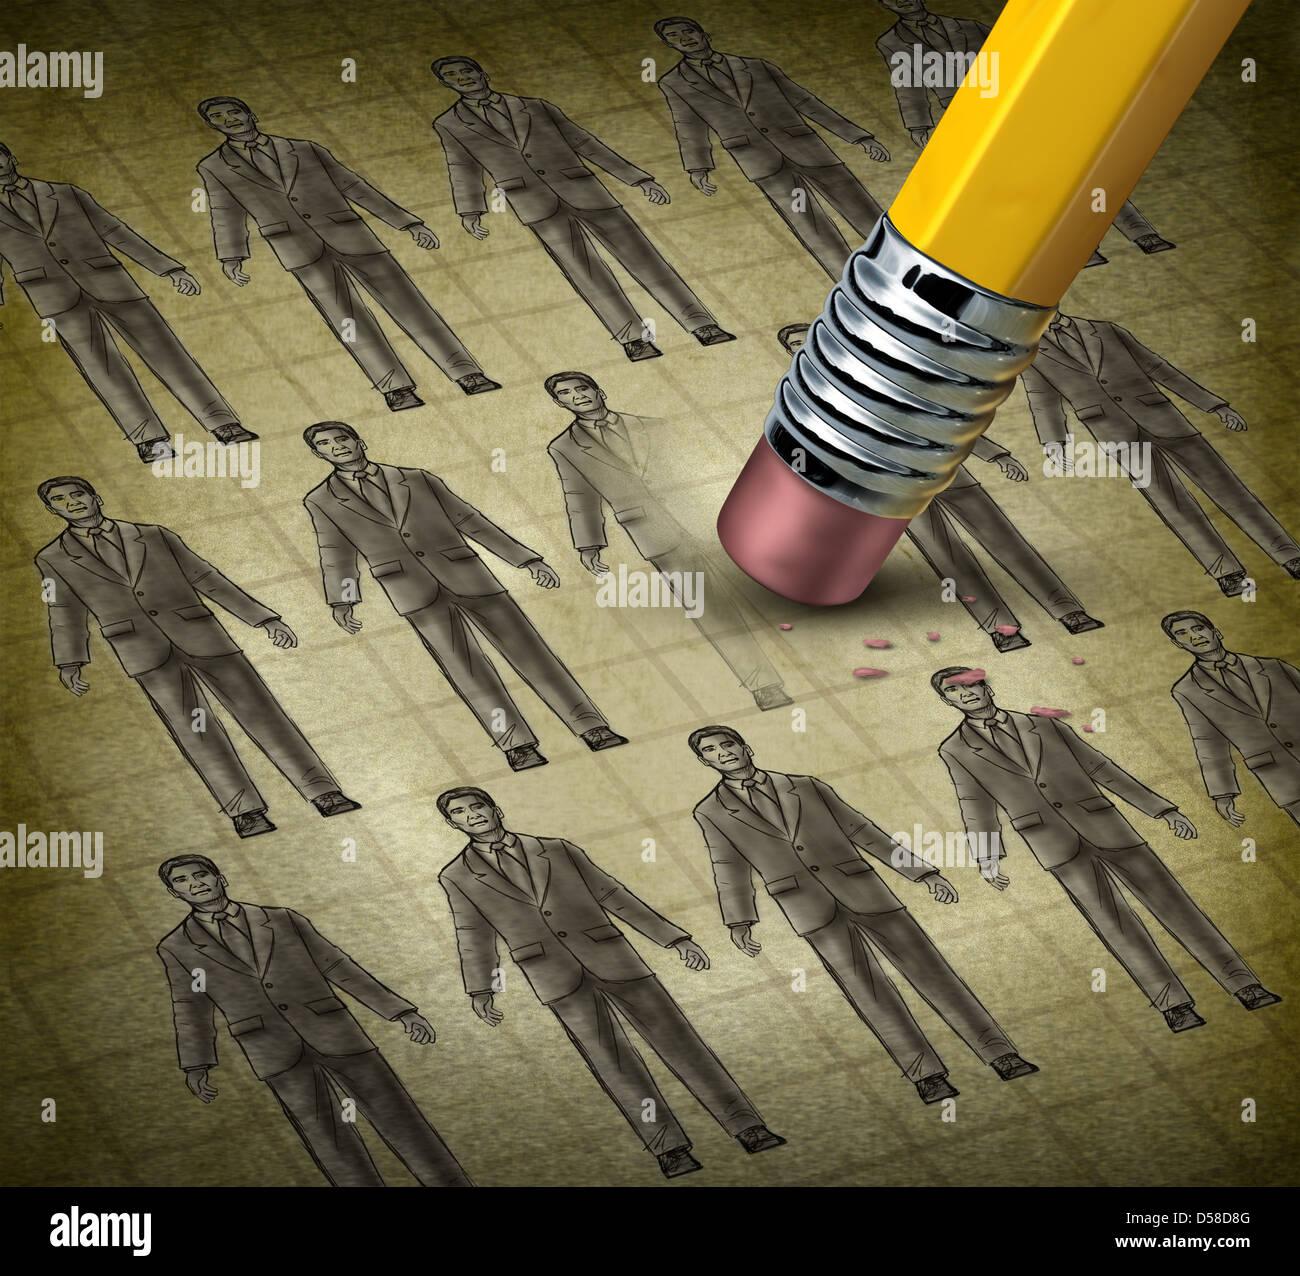 Il taglio di personale e di lavoro ai dipendenti il concetto di riduzione riducendo i costi a un business con una Immagini Stock